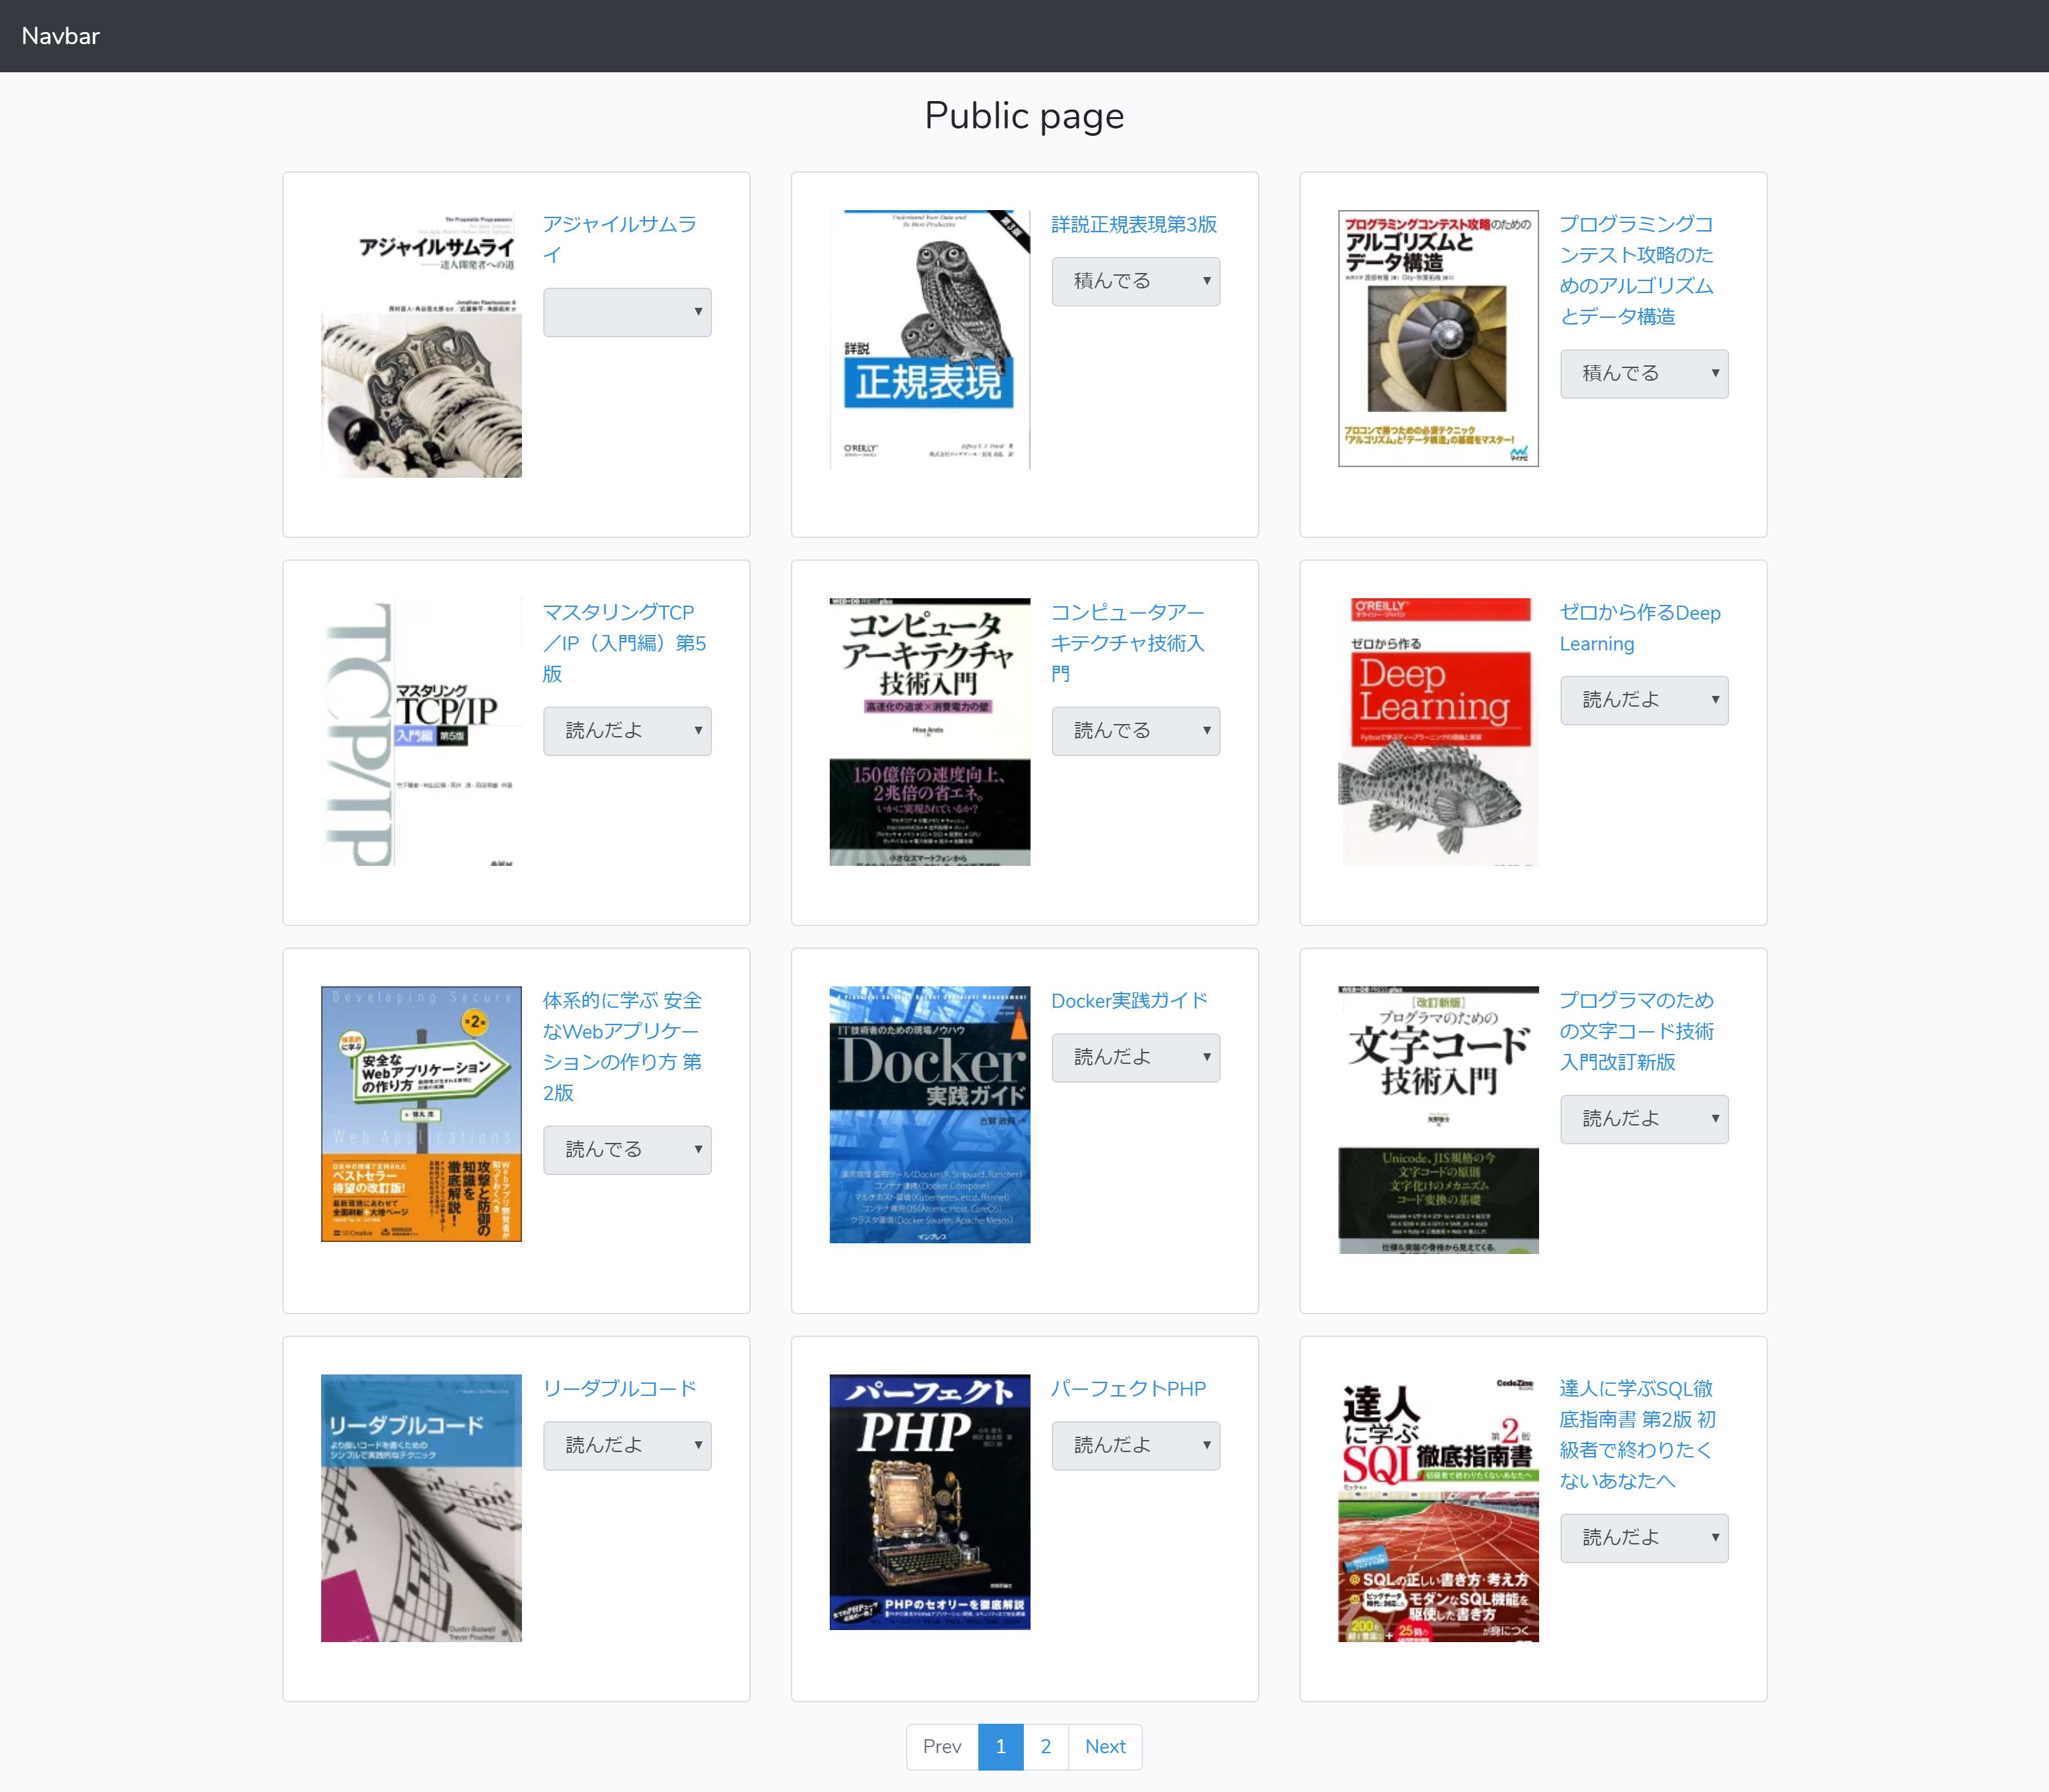 mybook-app43.herokuapp.com_public_wim (1).png